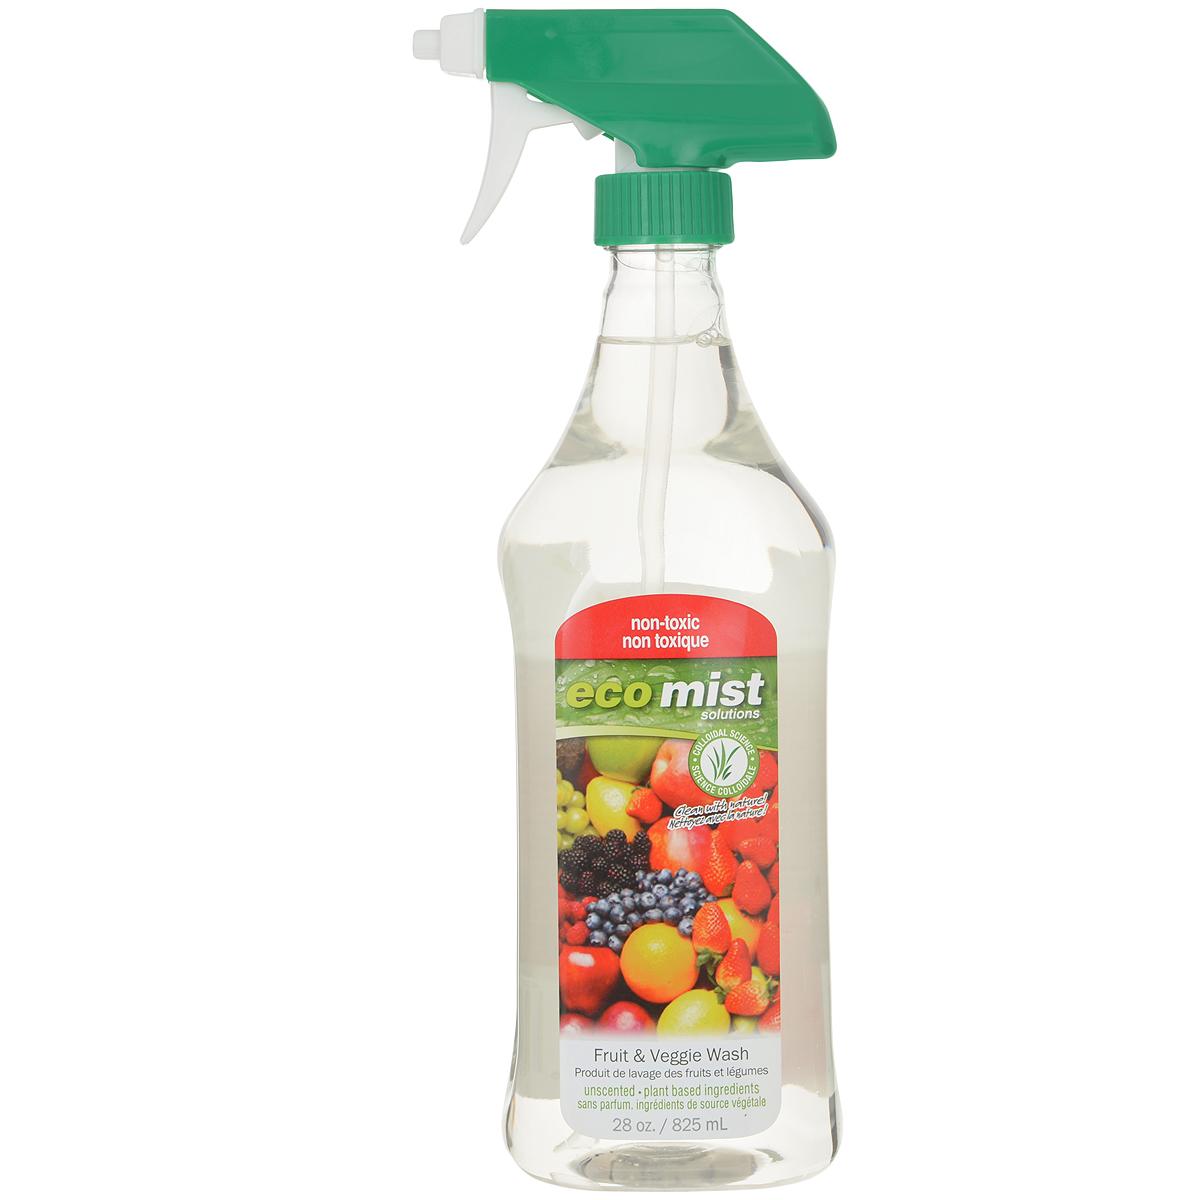 Средство для мытья фруктов и овощей Eco Mist, 825 млEM825XXFVTR06EFLУникальный спрей Eco Mist специально разработан для удаления пестицидов и других токсичных химикатов, воска, земли, удобрений, следов животных и насекомых, следов человеческого и животного происхождения с поверхности фруктов, овощей и корнеплодов. Безопасно. Нетоксично. Рекомендуется обрабатывать фрукты и овощи детям, беременным женщинам, людям страдающим аллергическими заболеваниями. Состав: дехлорированная вода, коричное масло, экстракт бурых водорослей, масло жожоба, экстракт кукурузы.